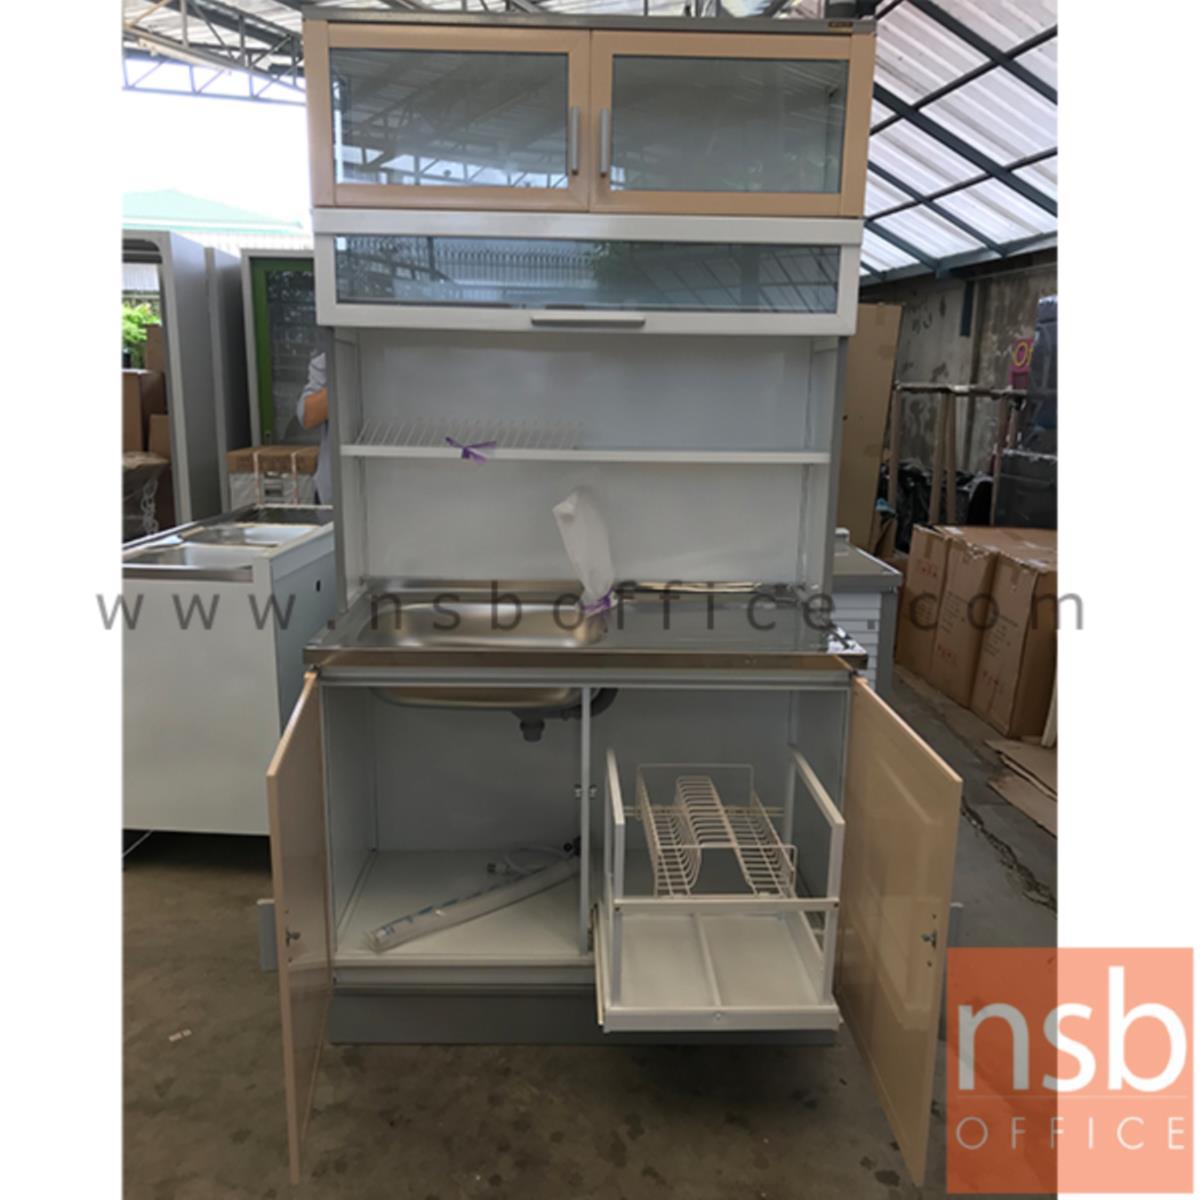 ตู้ครัวสูงอลูมิเนียม พร้อมอ่างซิงค์ กว้าง 100 cm.